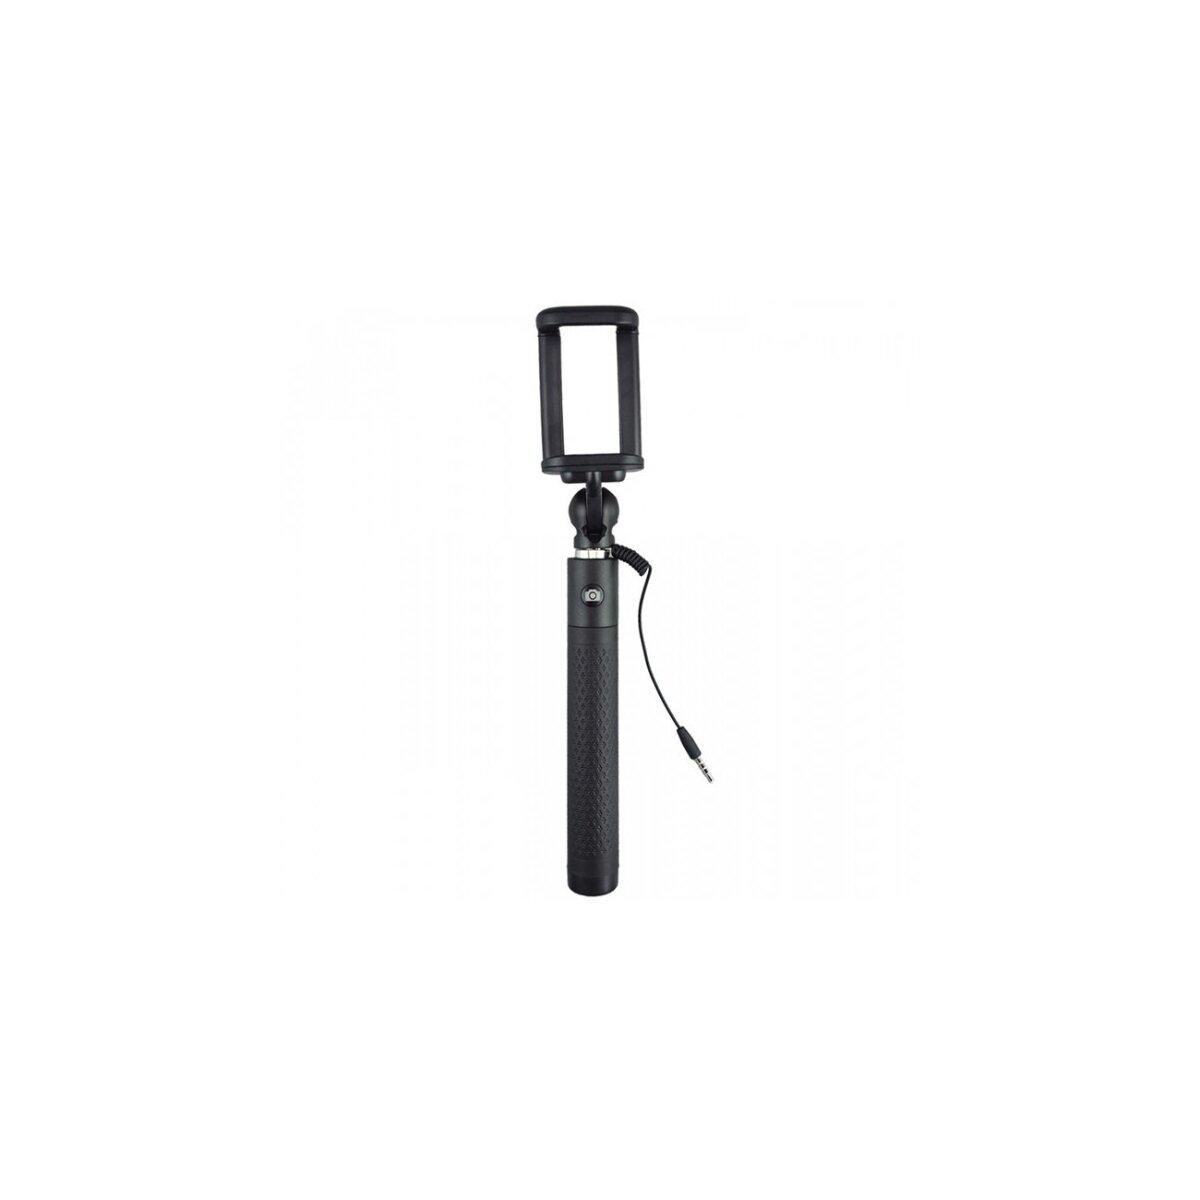 JJC Universeller Selfie-Stick Stange Stab in Schwarz kompatibel für iPhone, Samsung, HTC, Sony - keine App oder Bluetooth notwendig